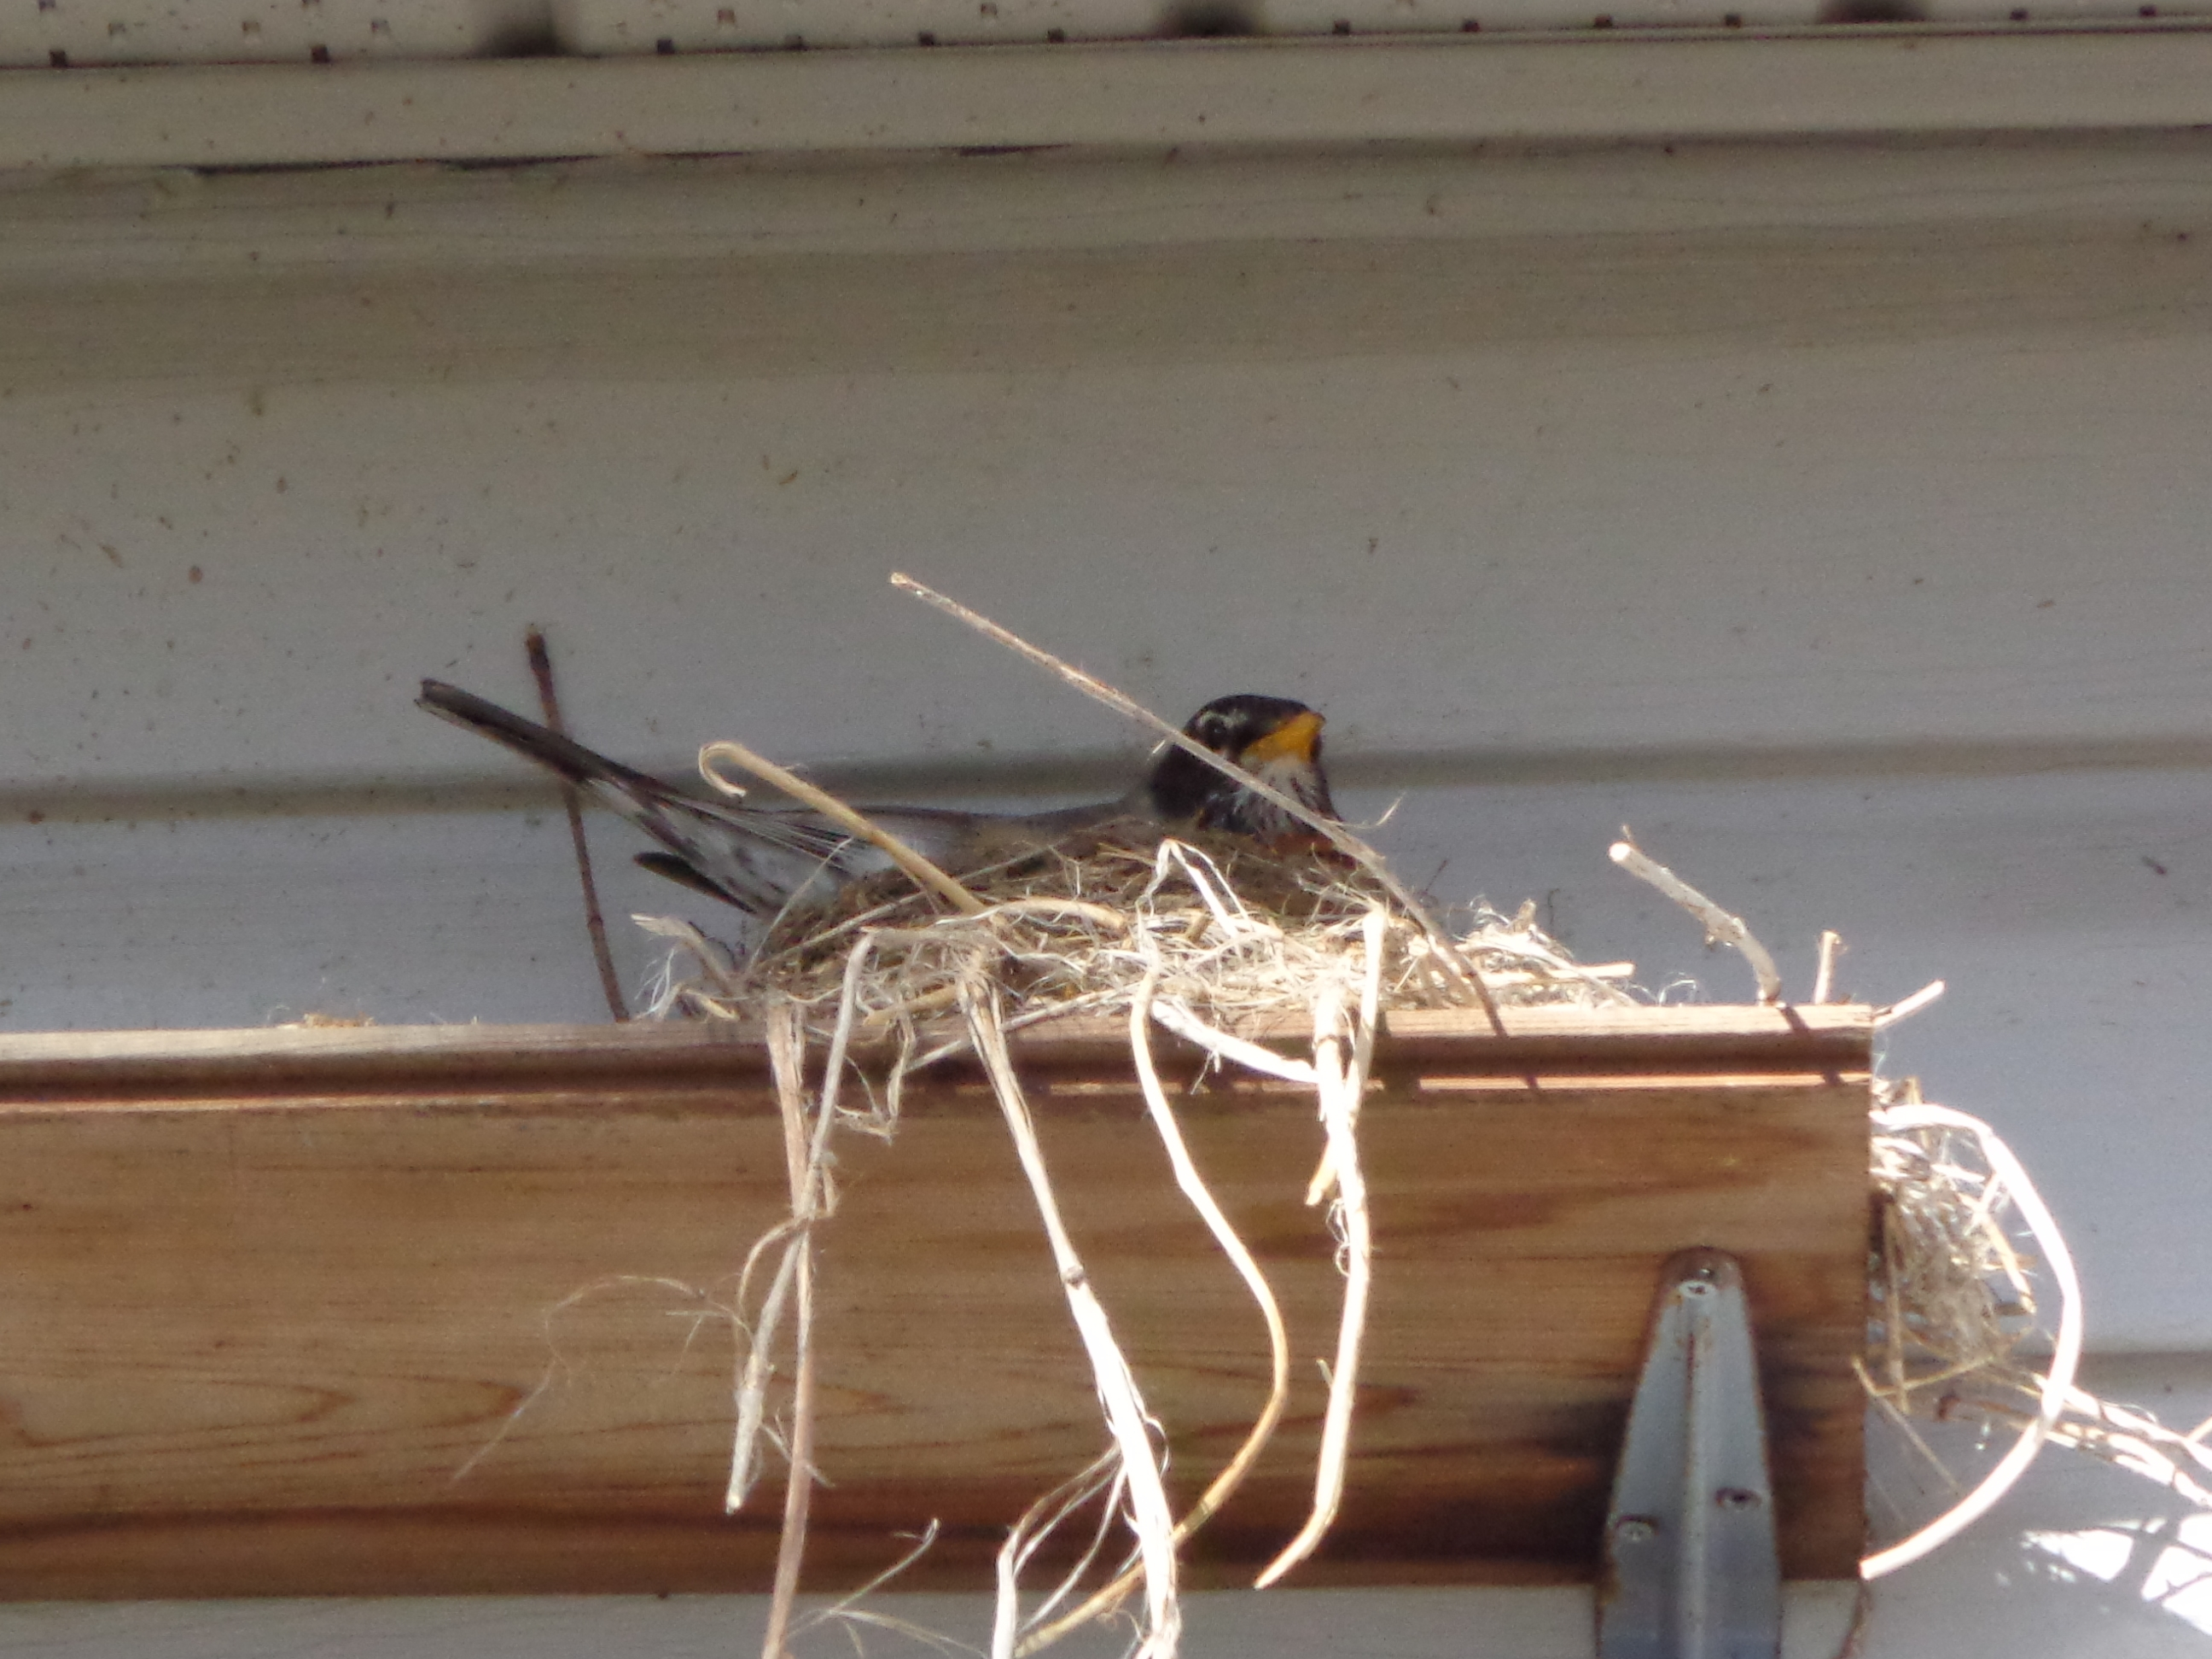 A Suitable Nest